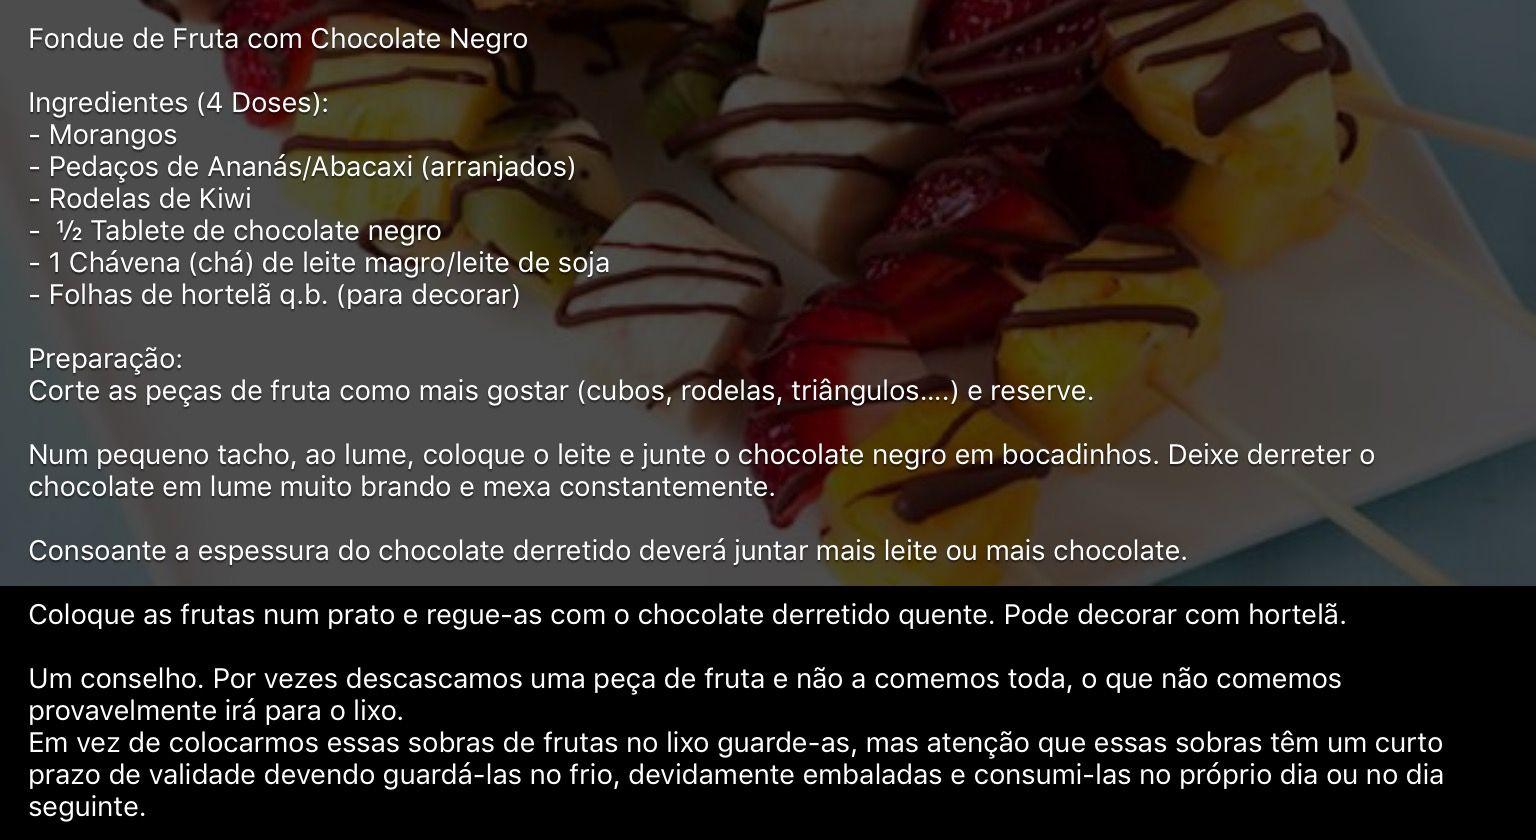 Fondue de Frutas com Chocolate Negro